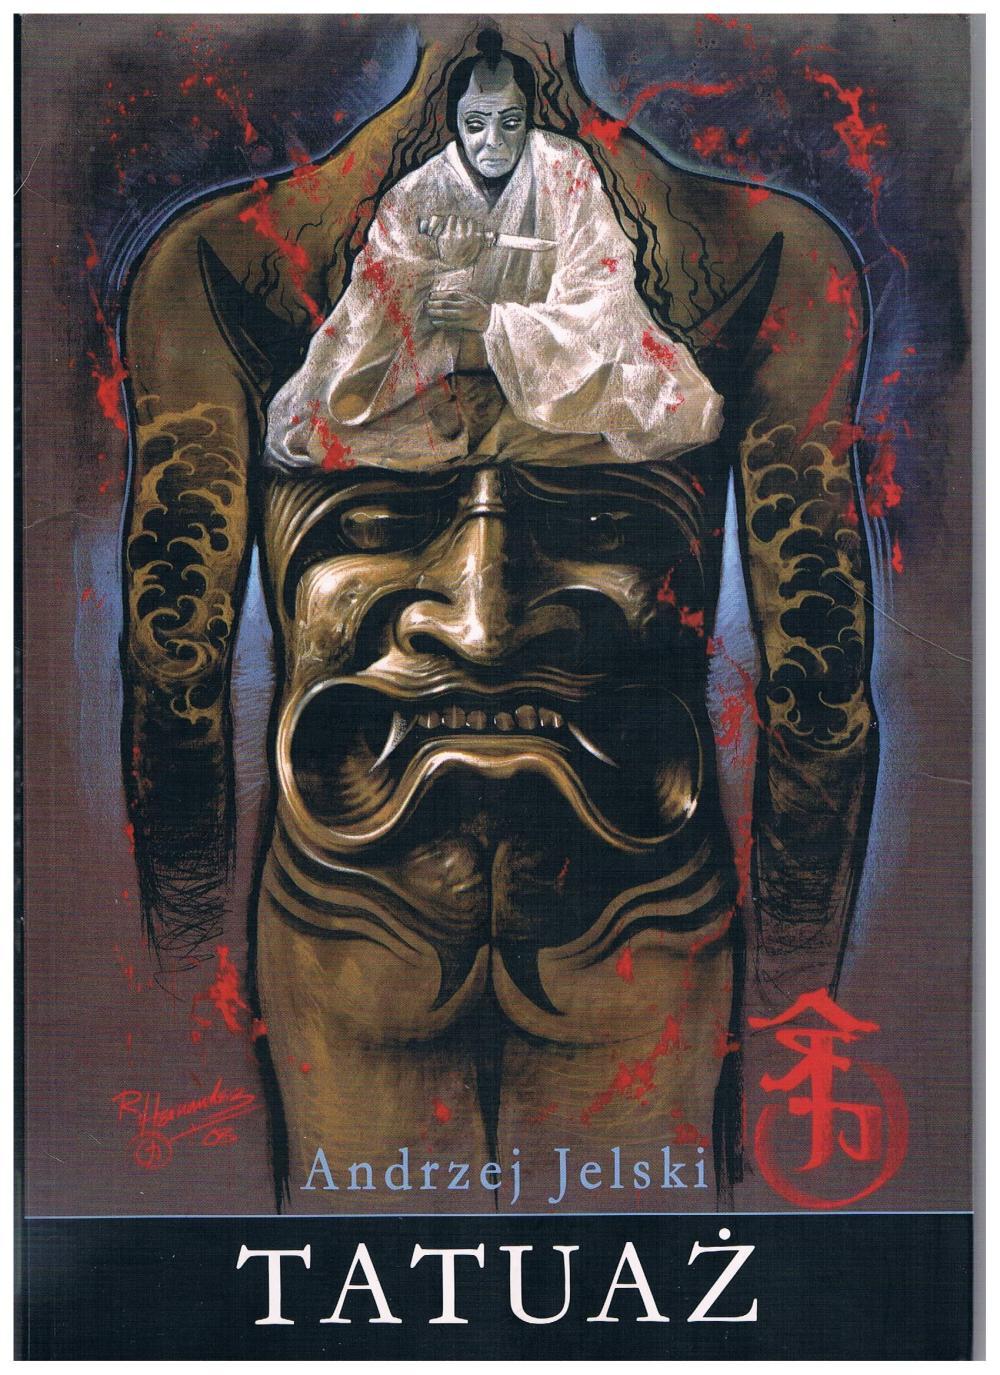 Najlepsze książki o tatuażach, Andrzej Jelski, Tatuaż